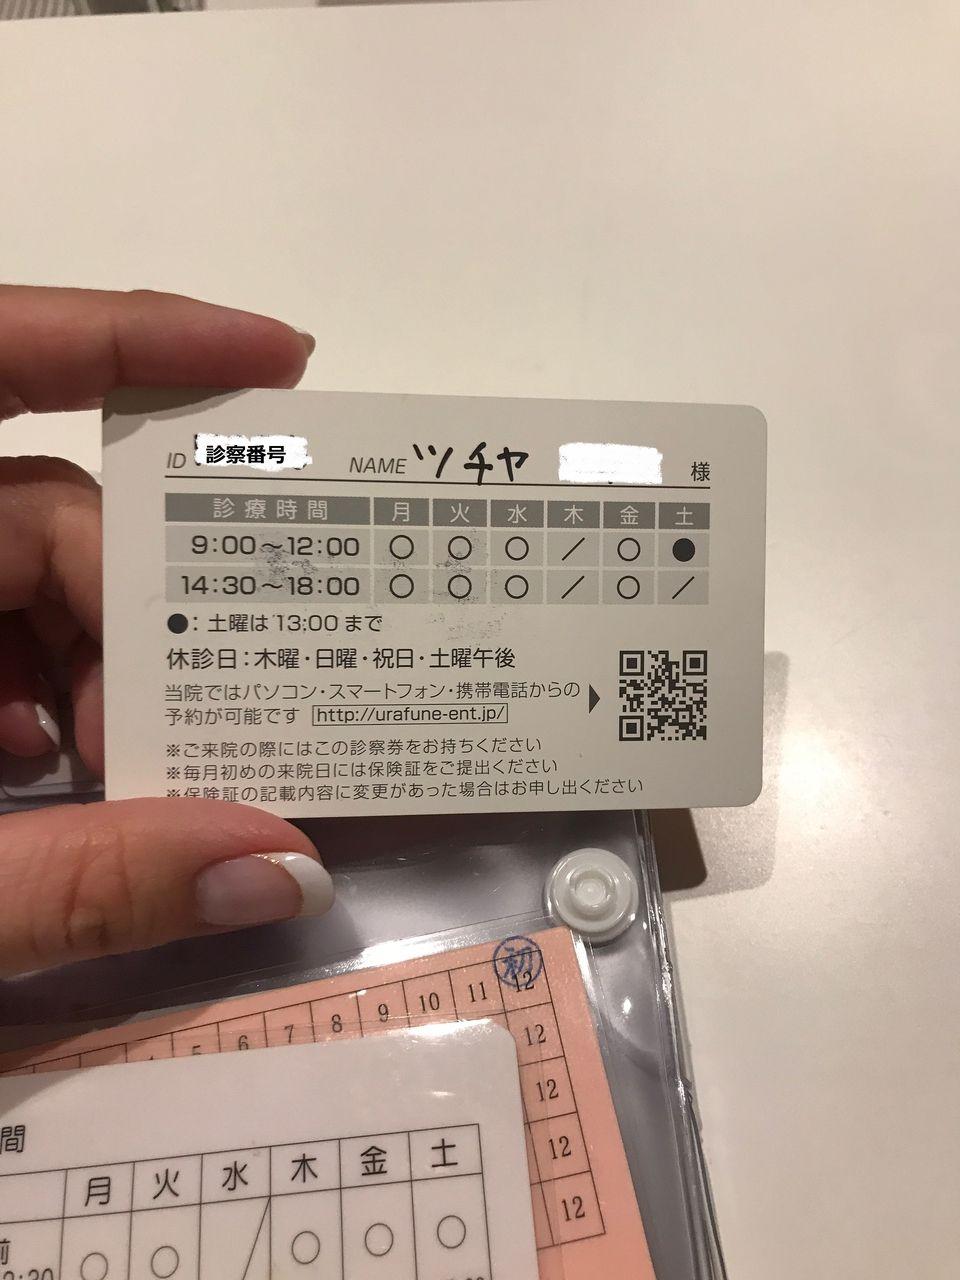 診察券番号(ID)と生年月日を入力します。